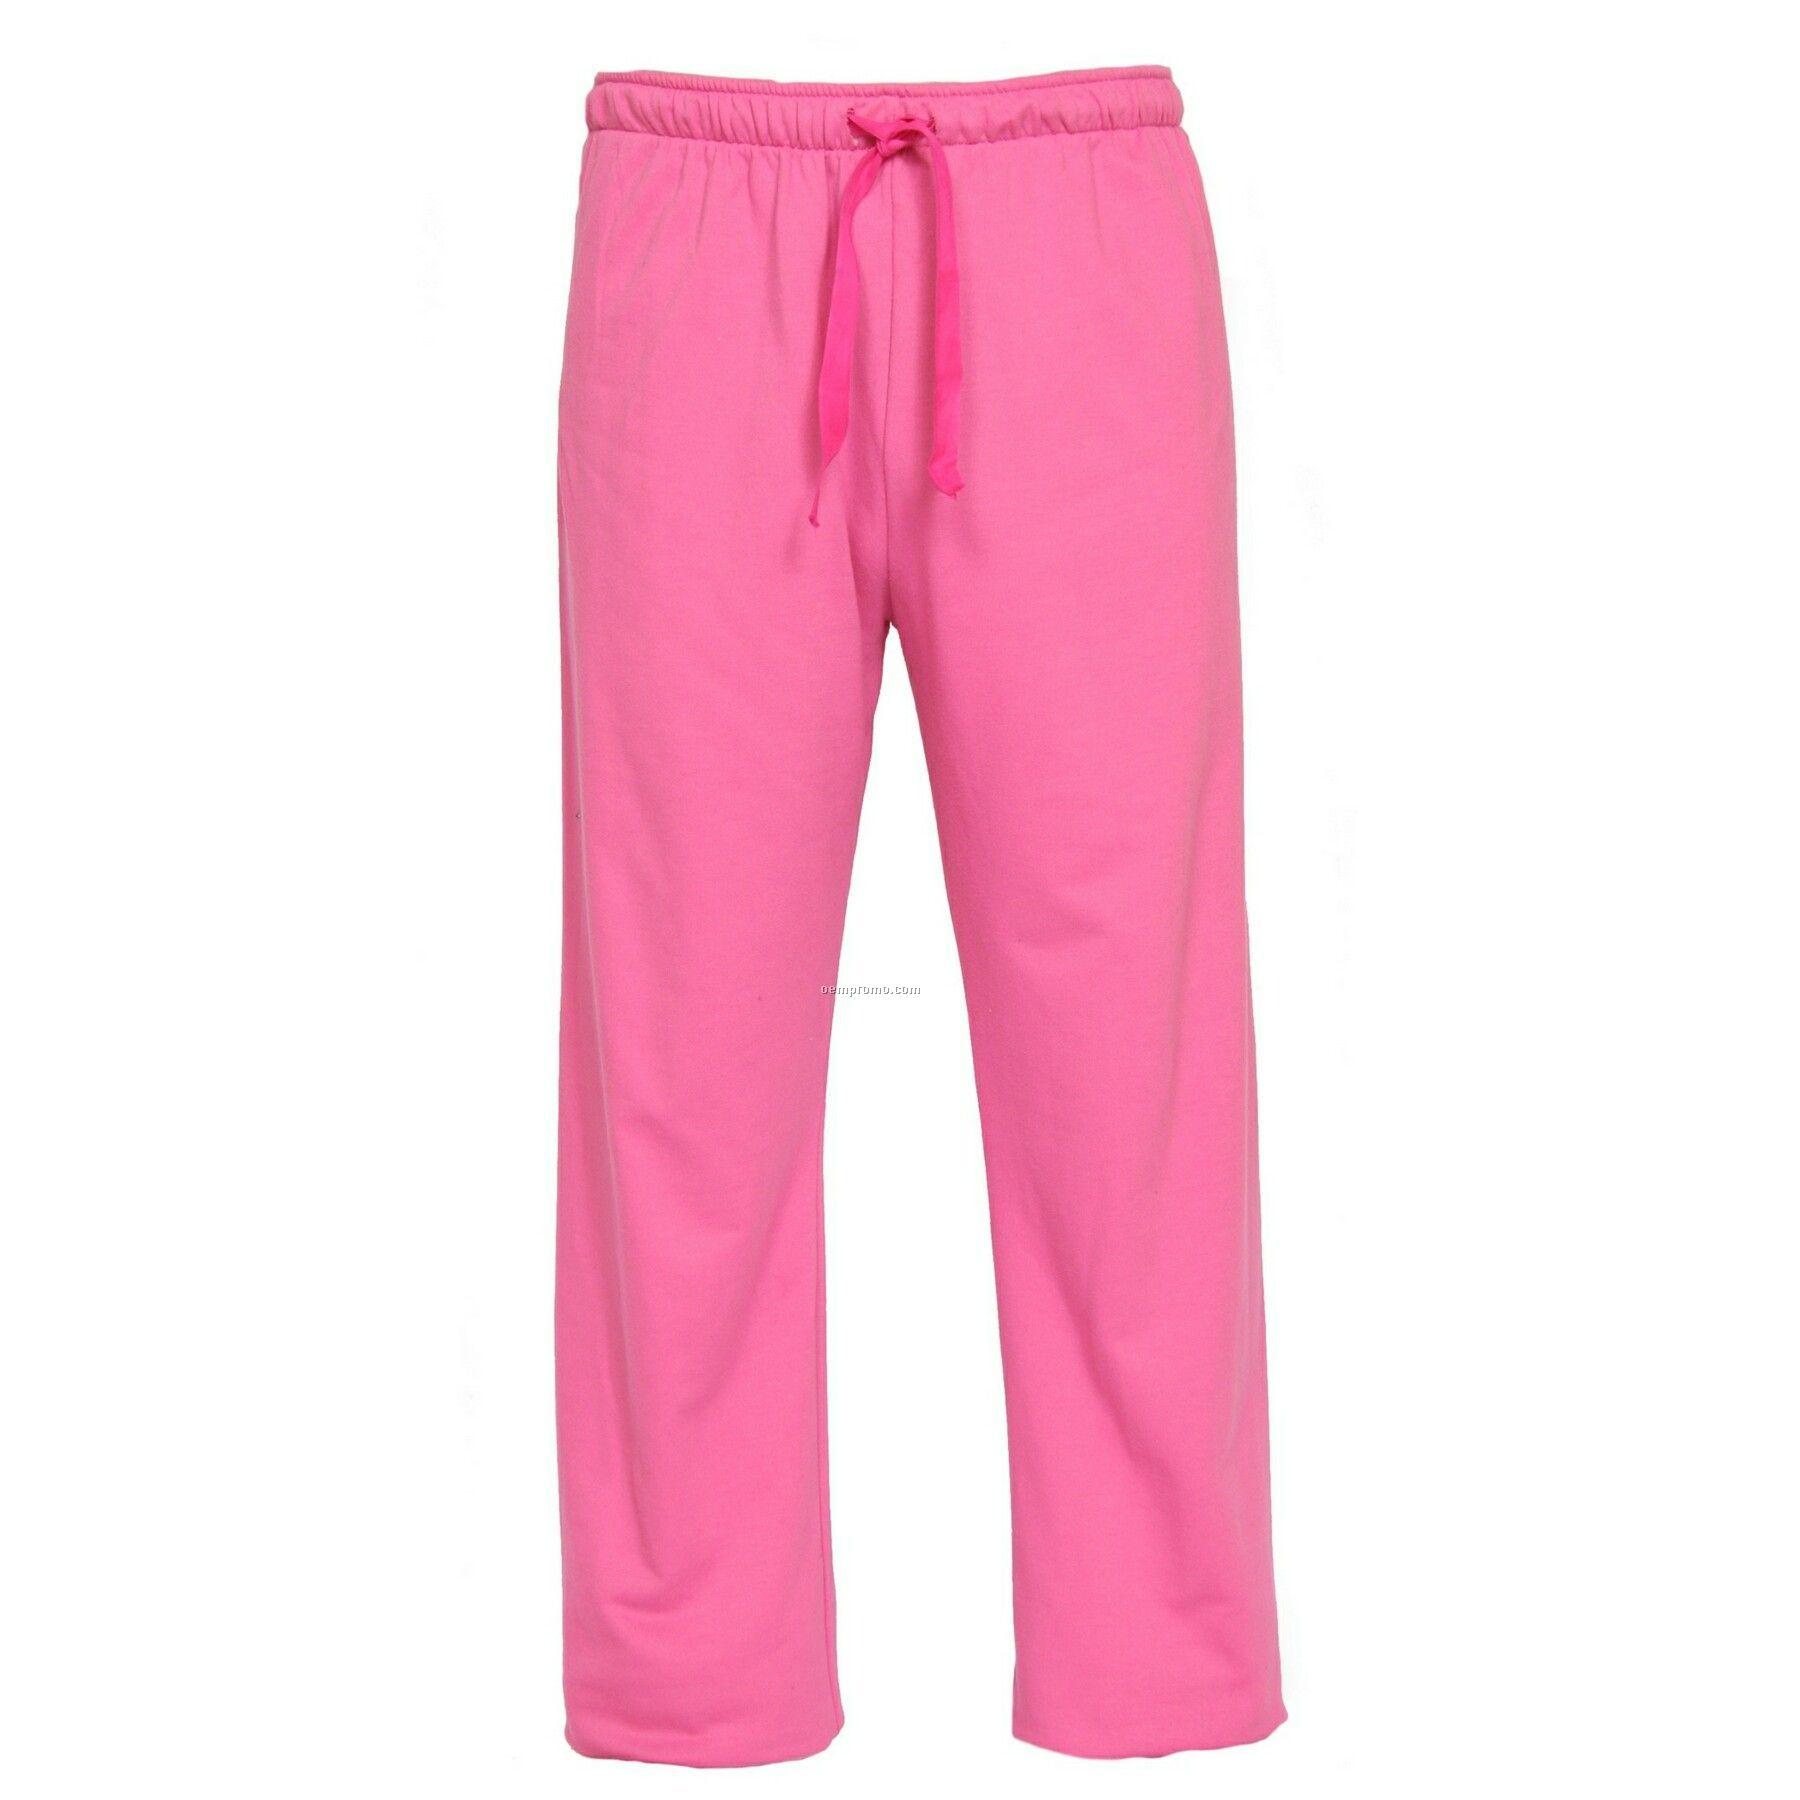 Youth Pink Unisex Fleece Mvp Pant